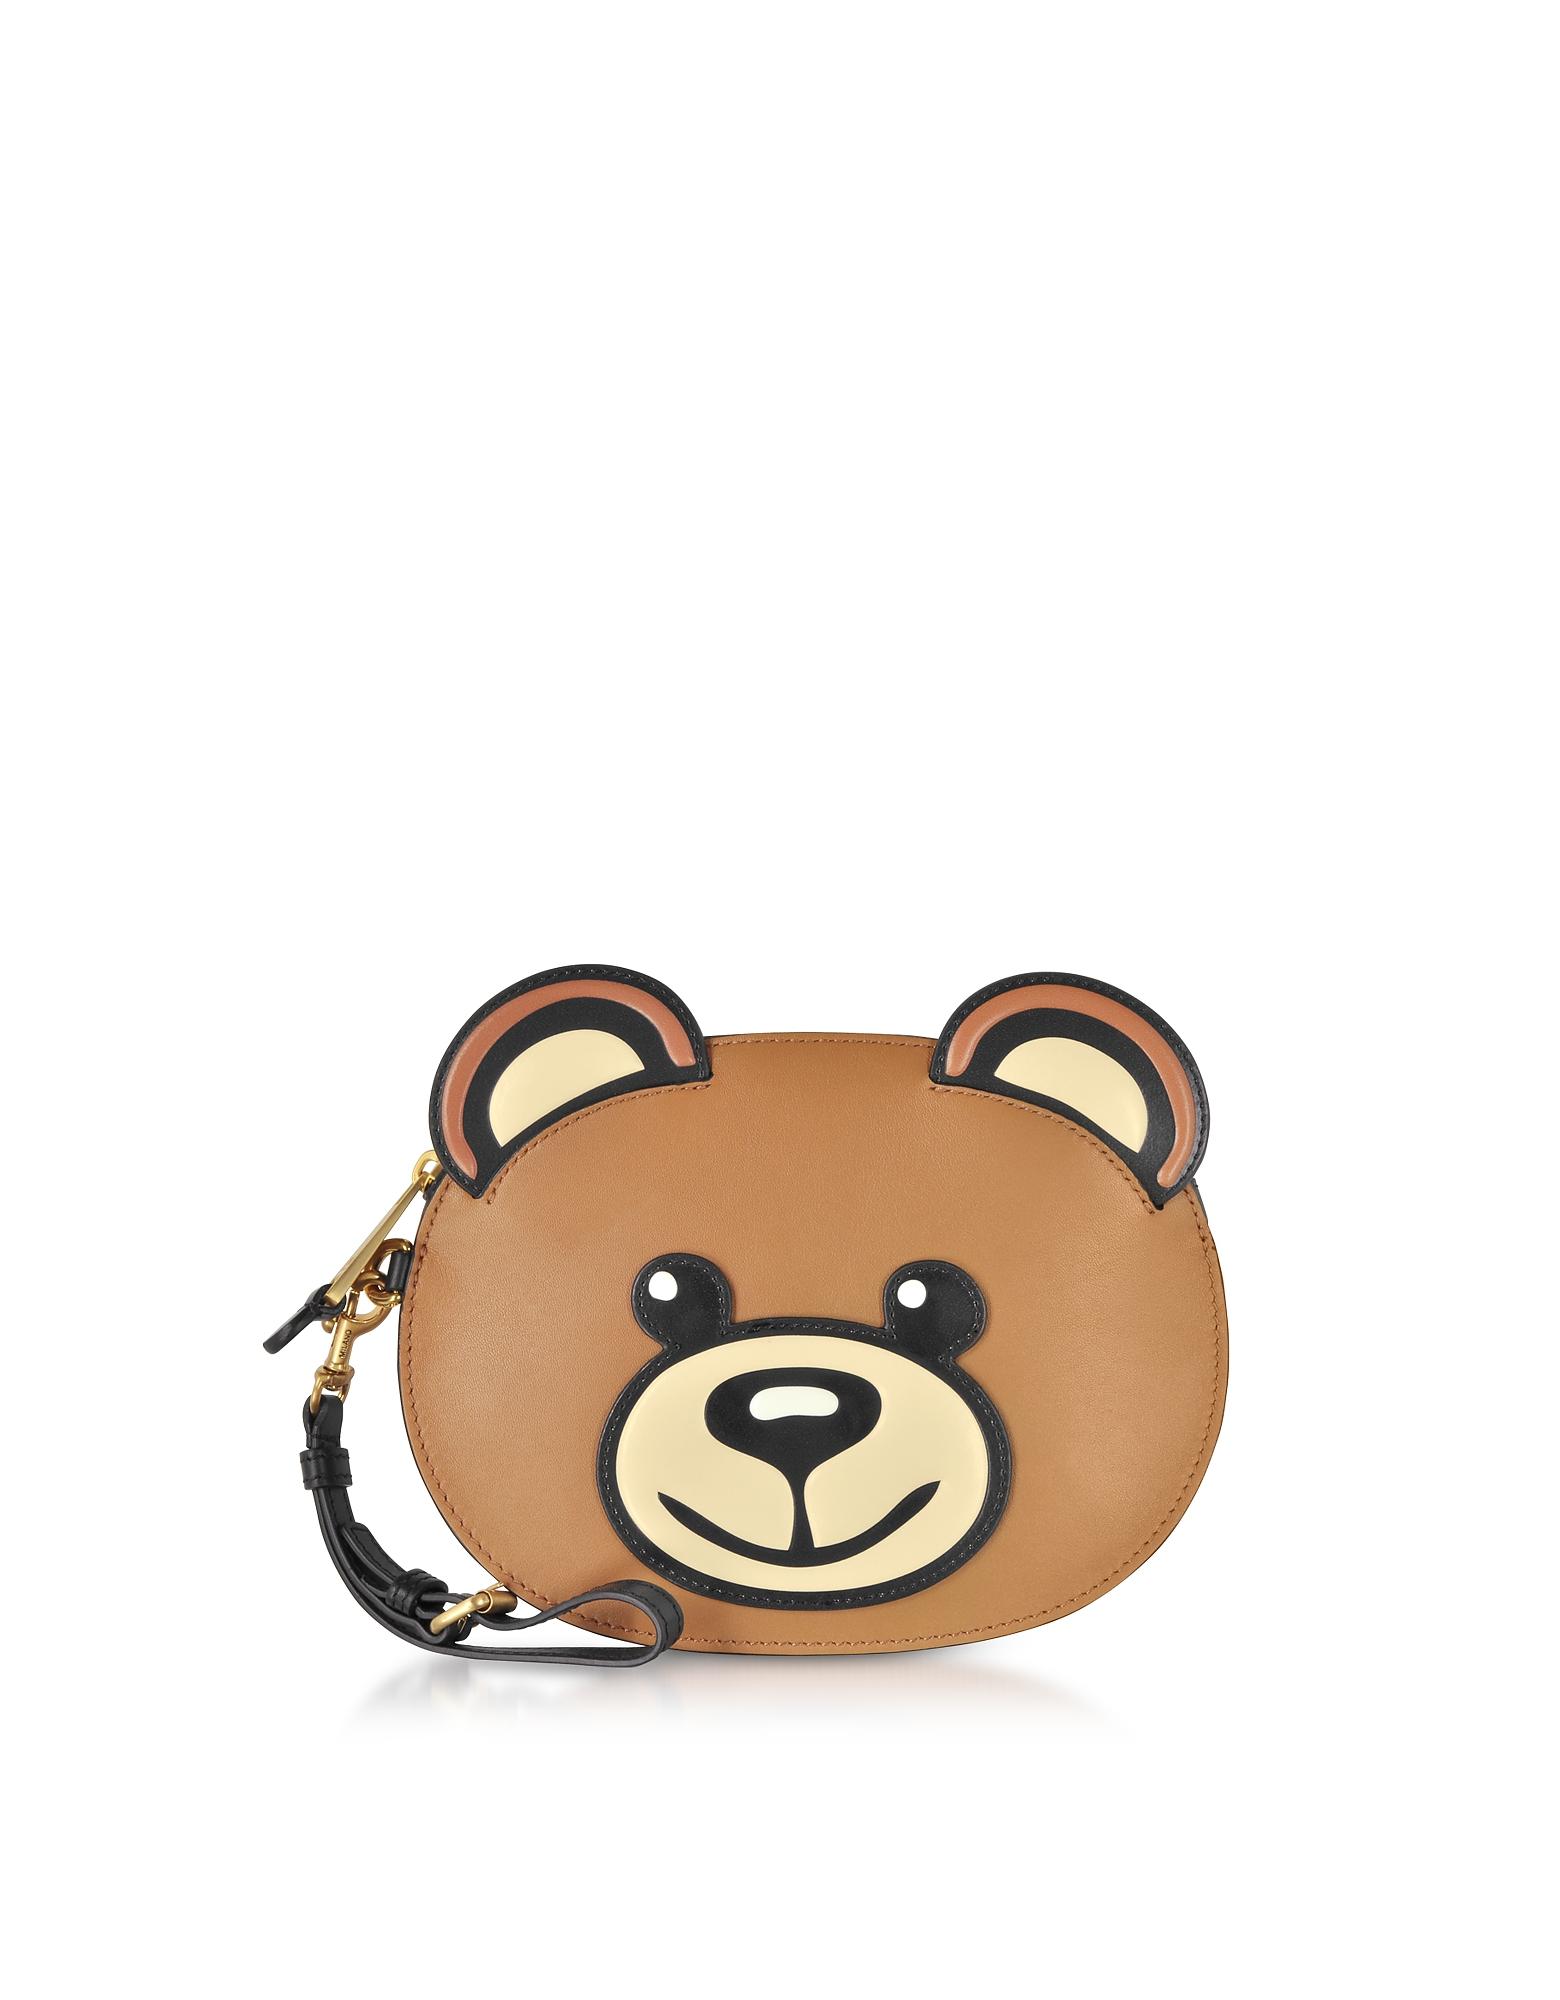 Teddy Bear Leather Pouch